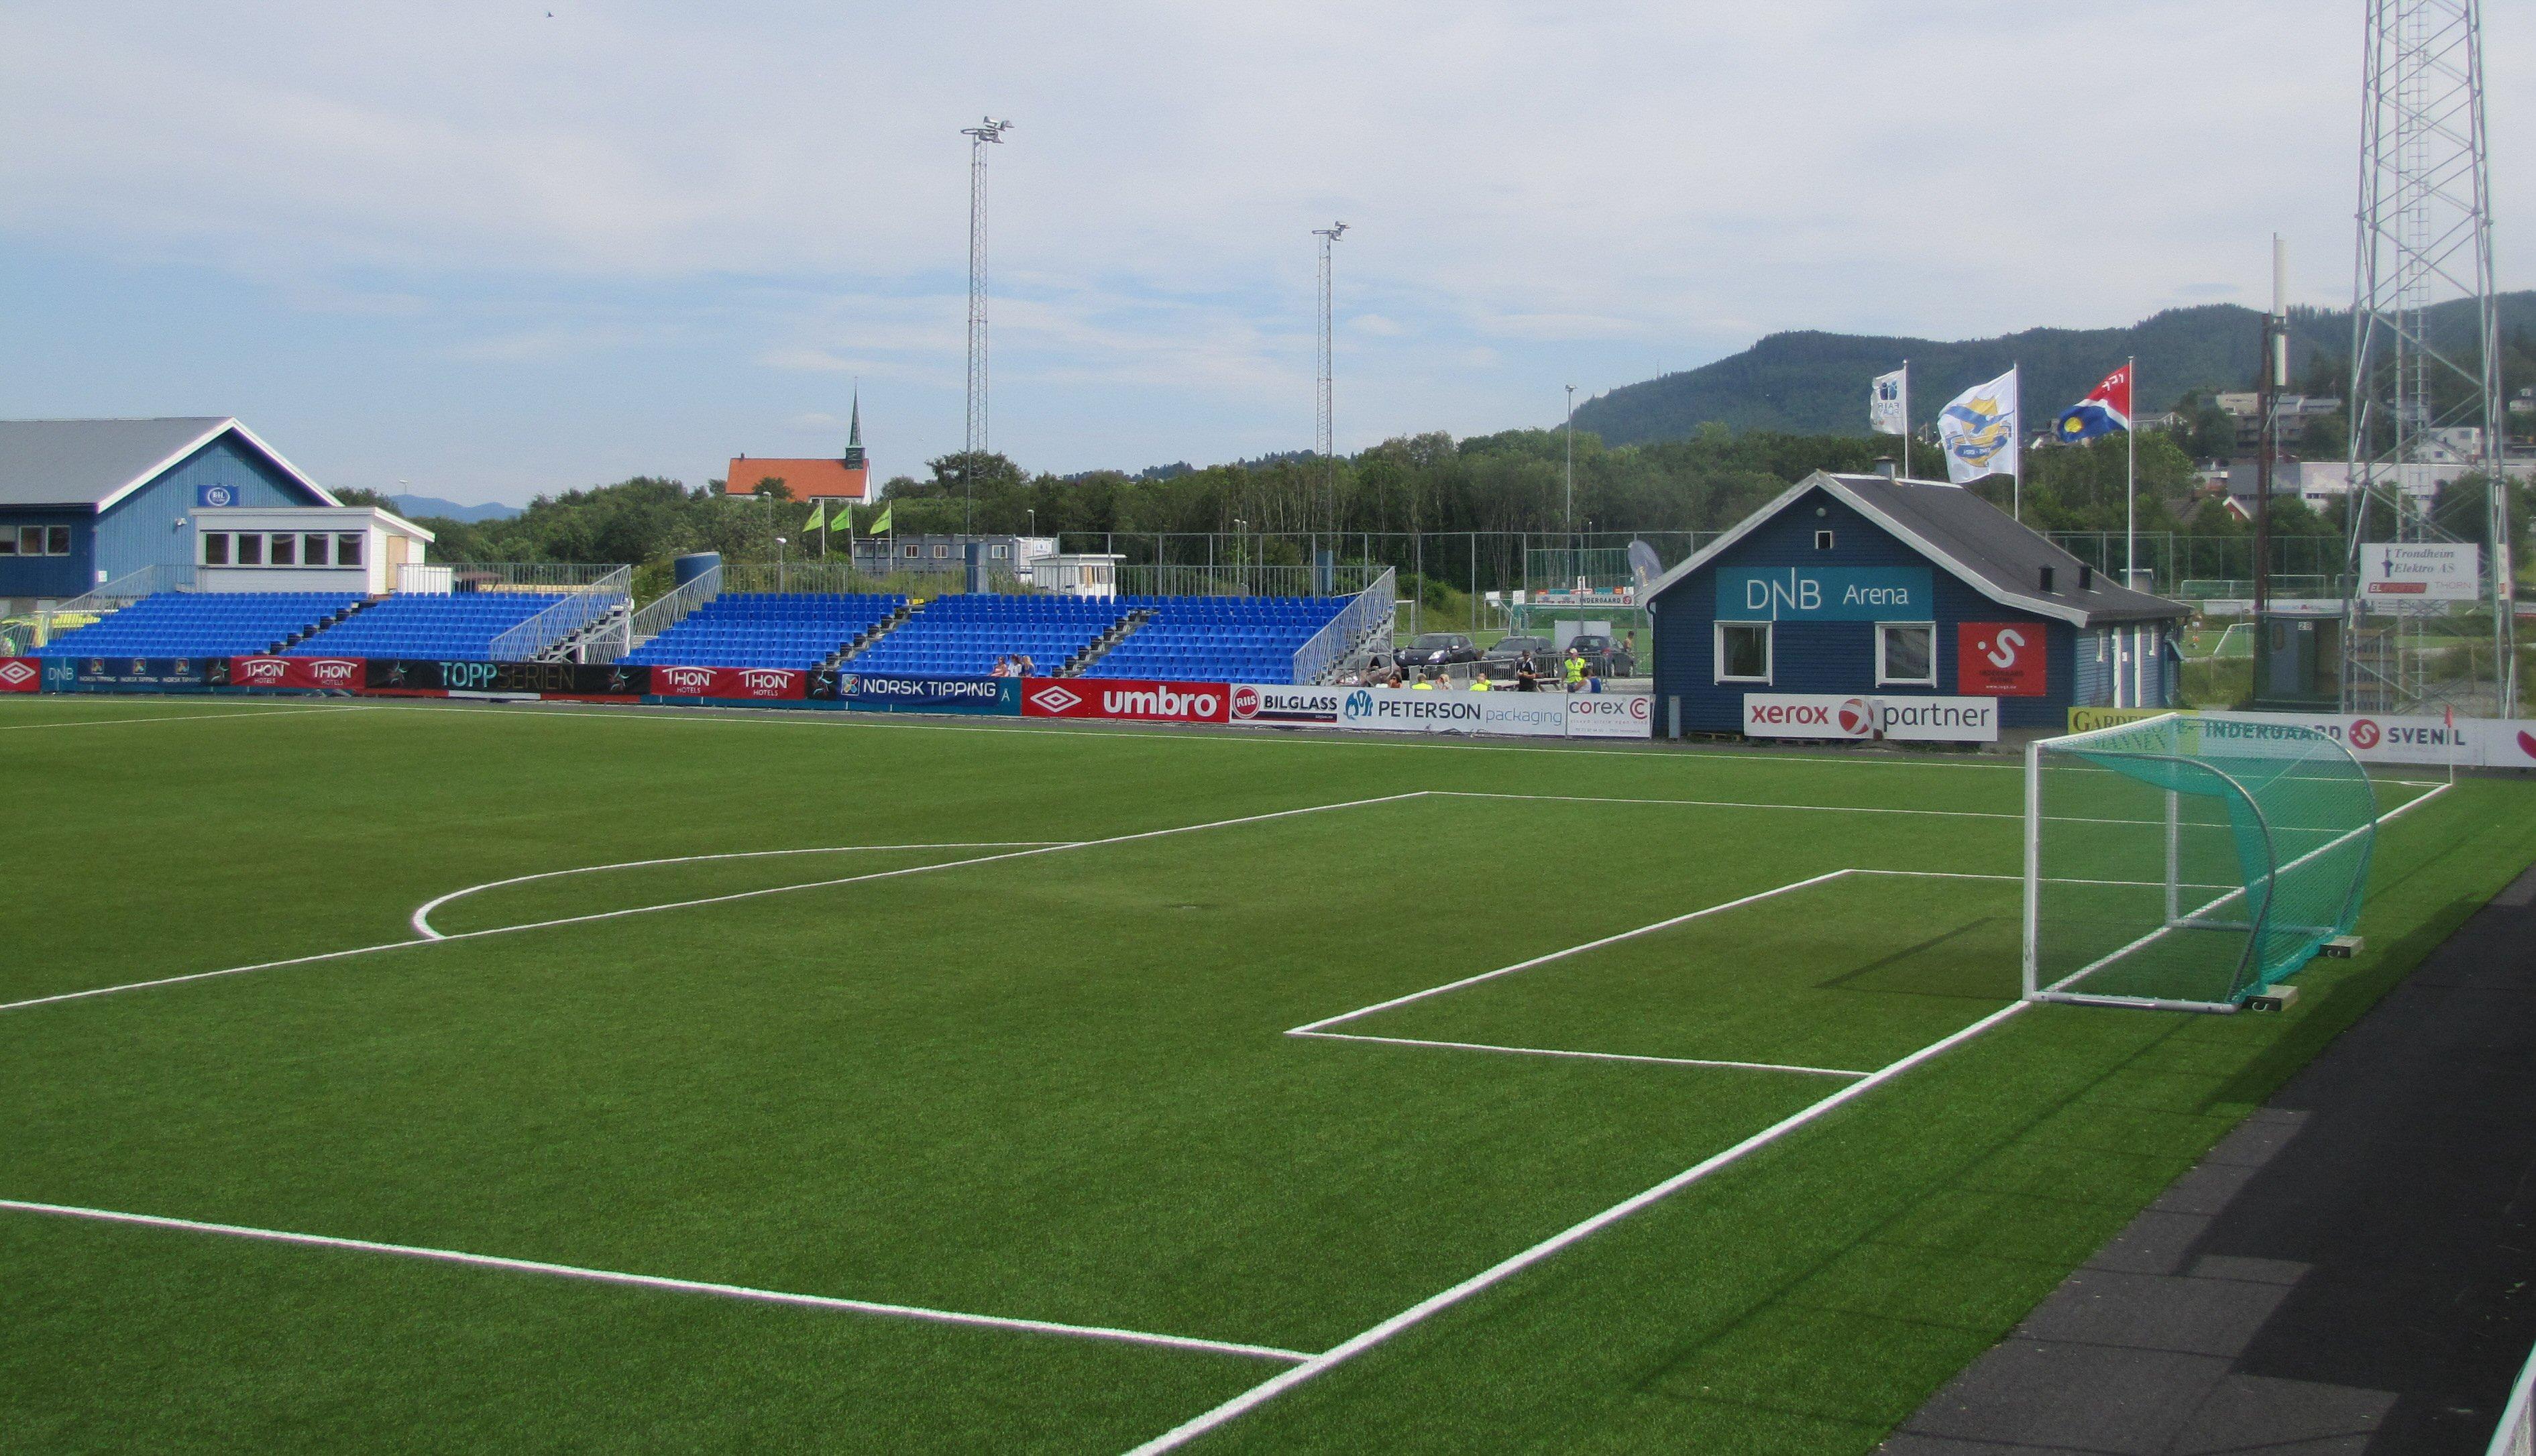 Filednb Arena Ranheim Jpg